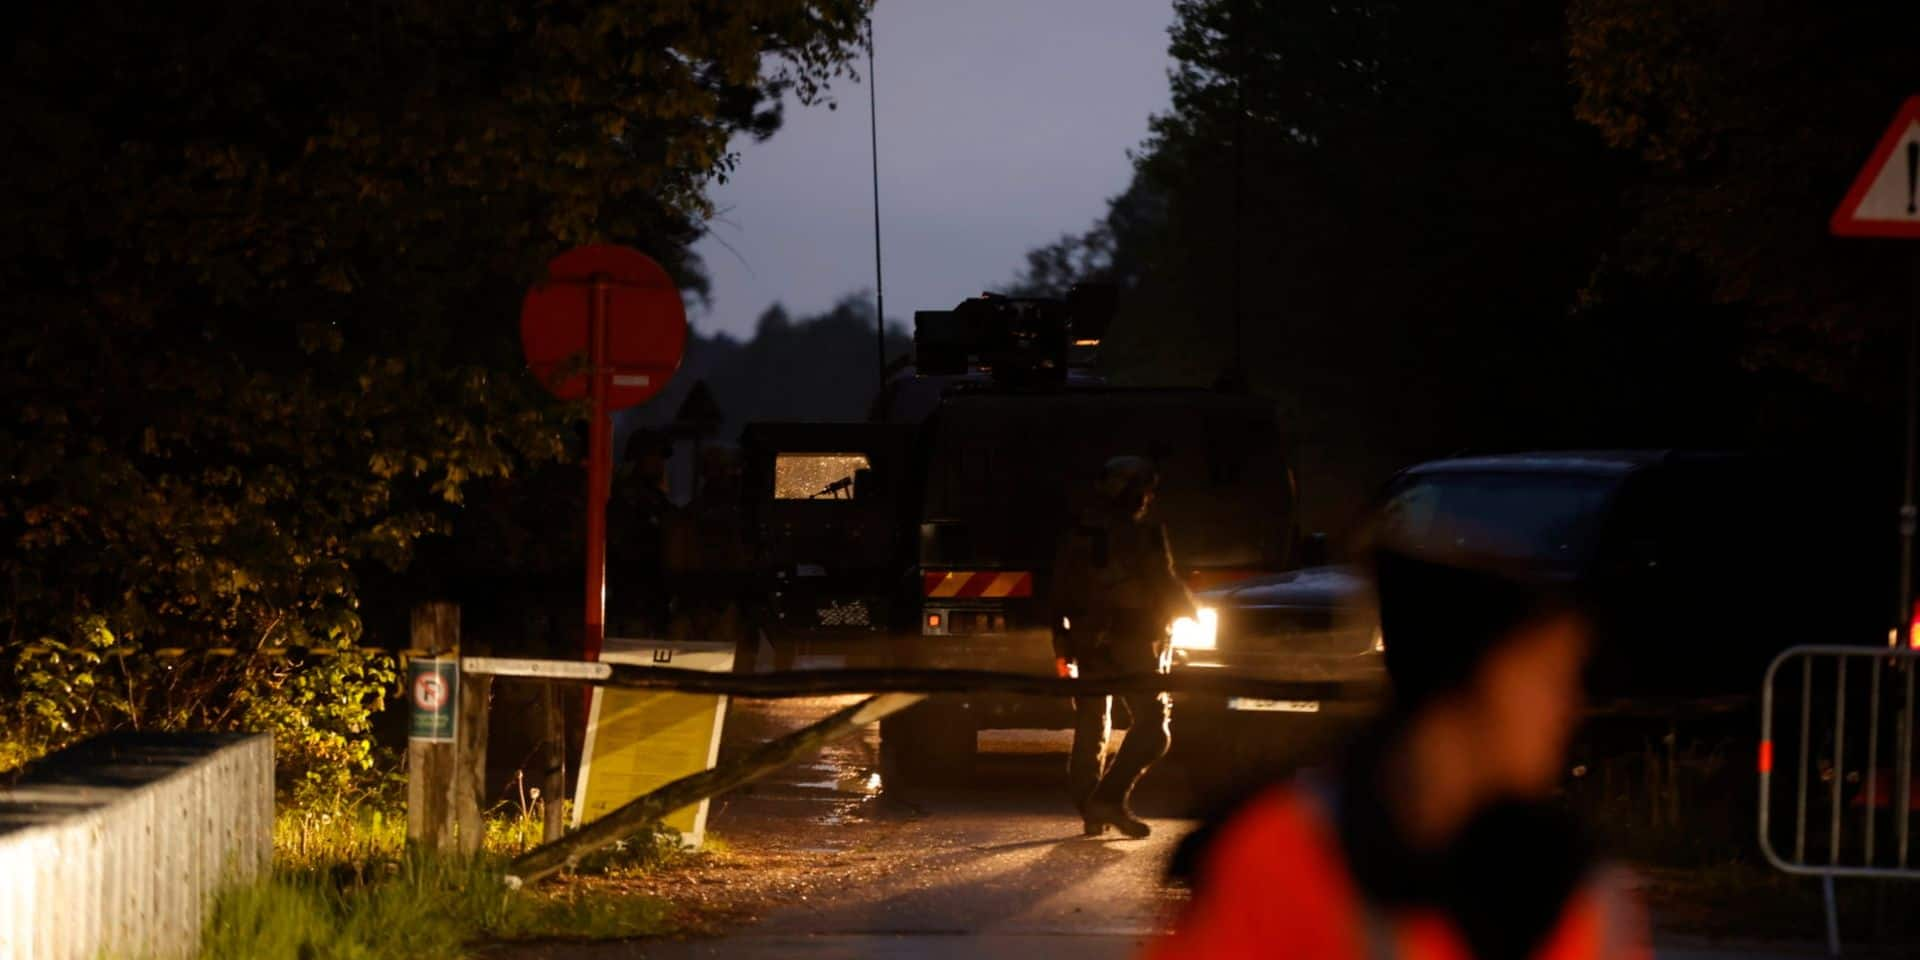 Chasse à l'homme dans le Limbourg: le suspect probablement armé serait retranché dans un parc, des détonations entendues